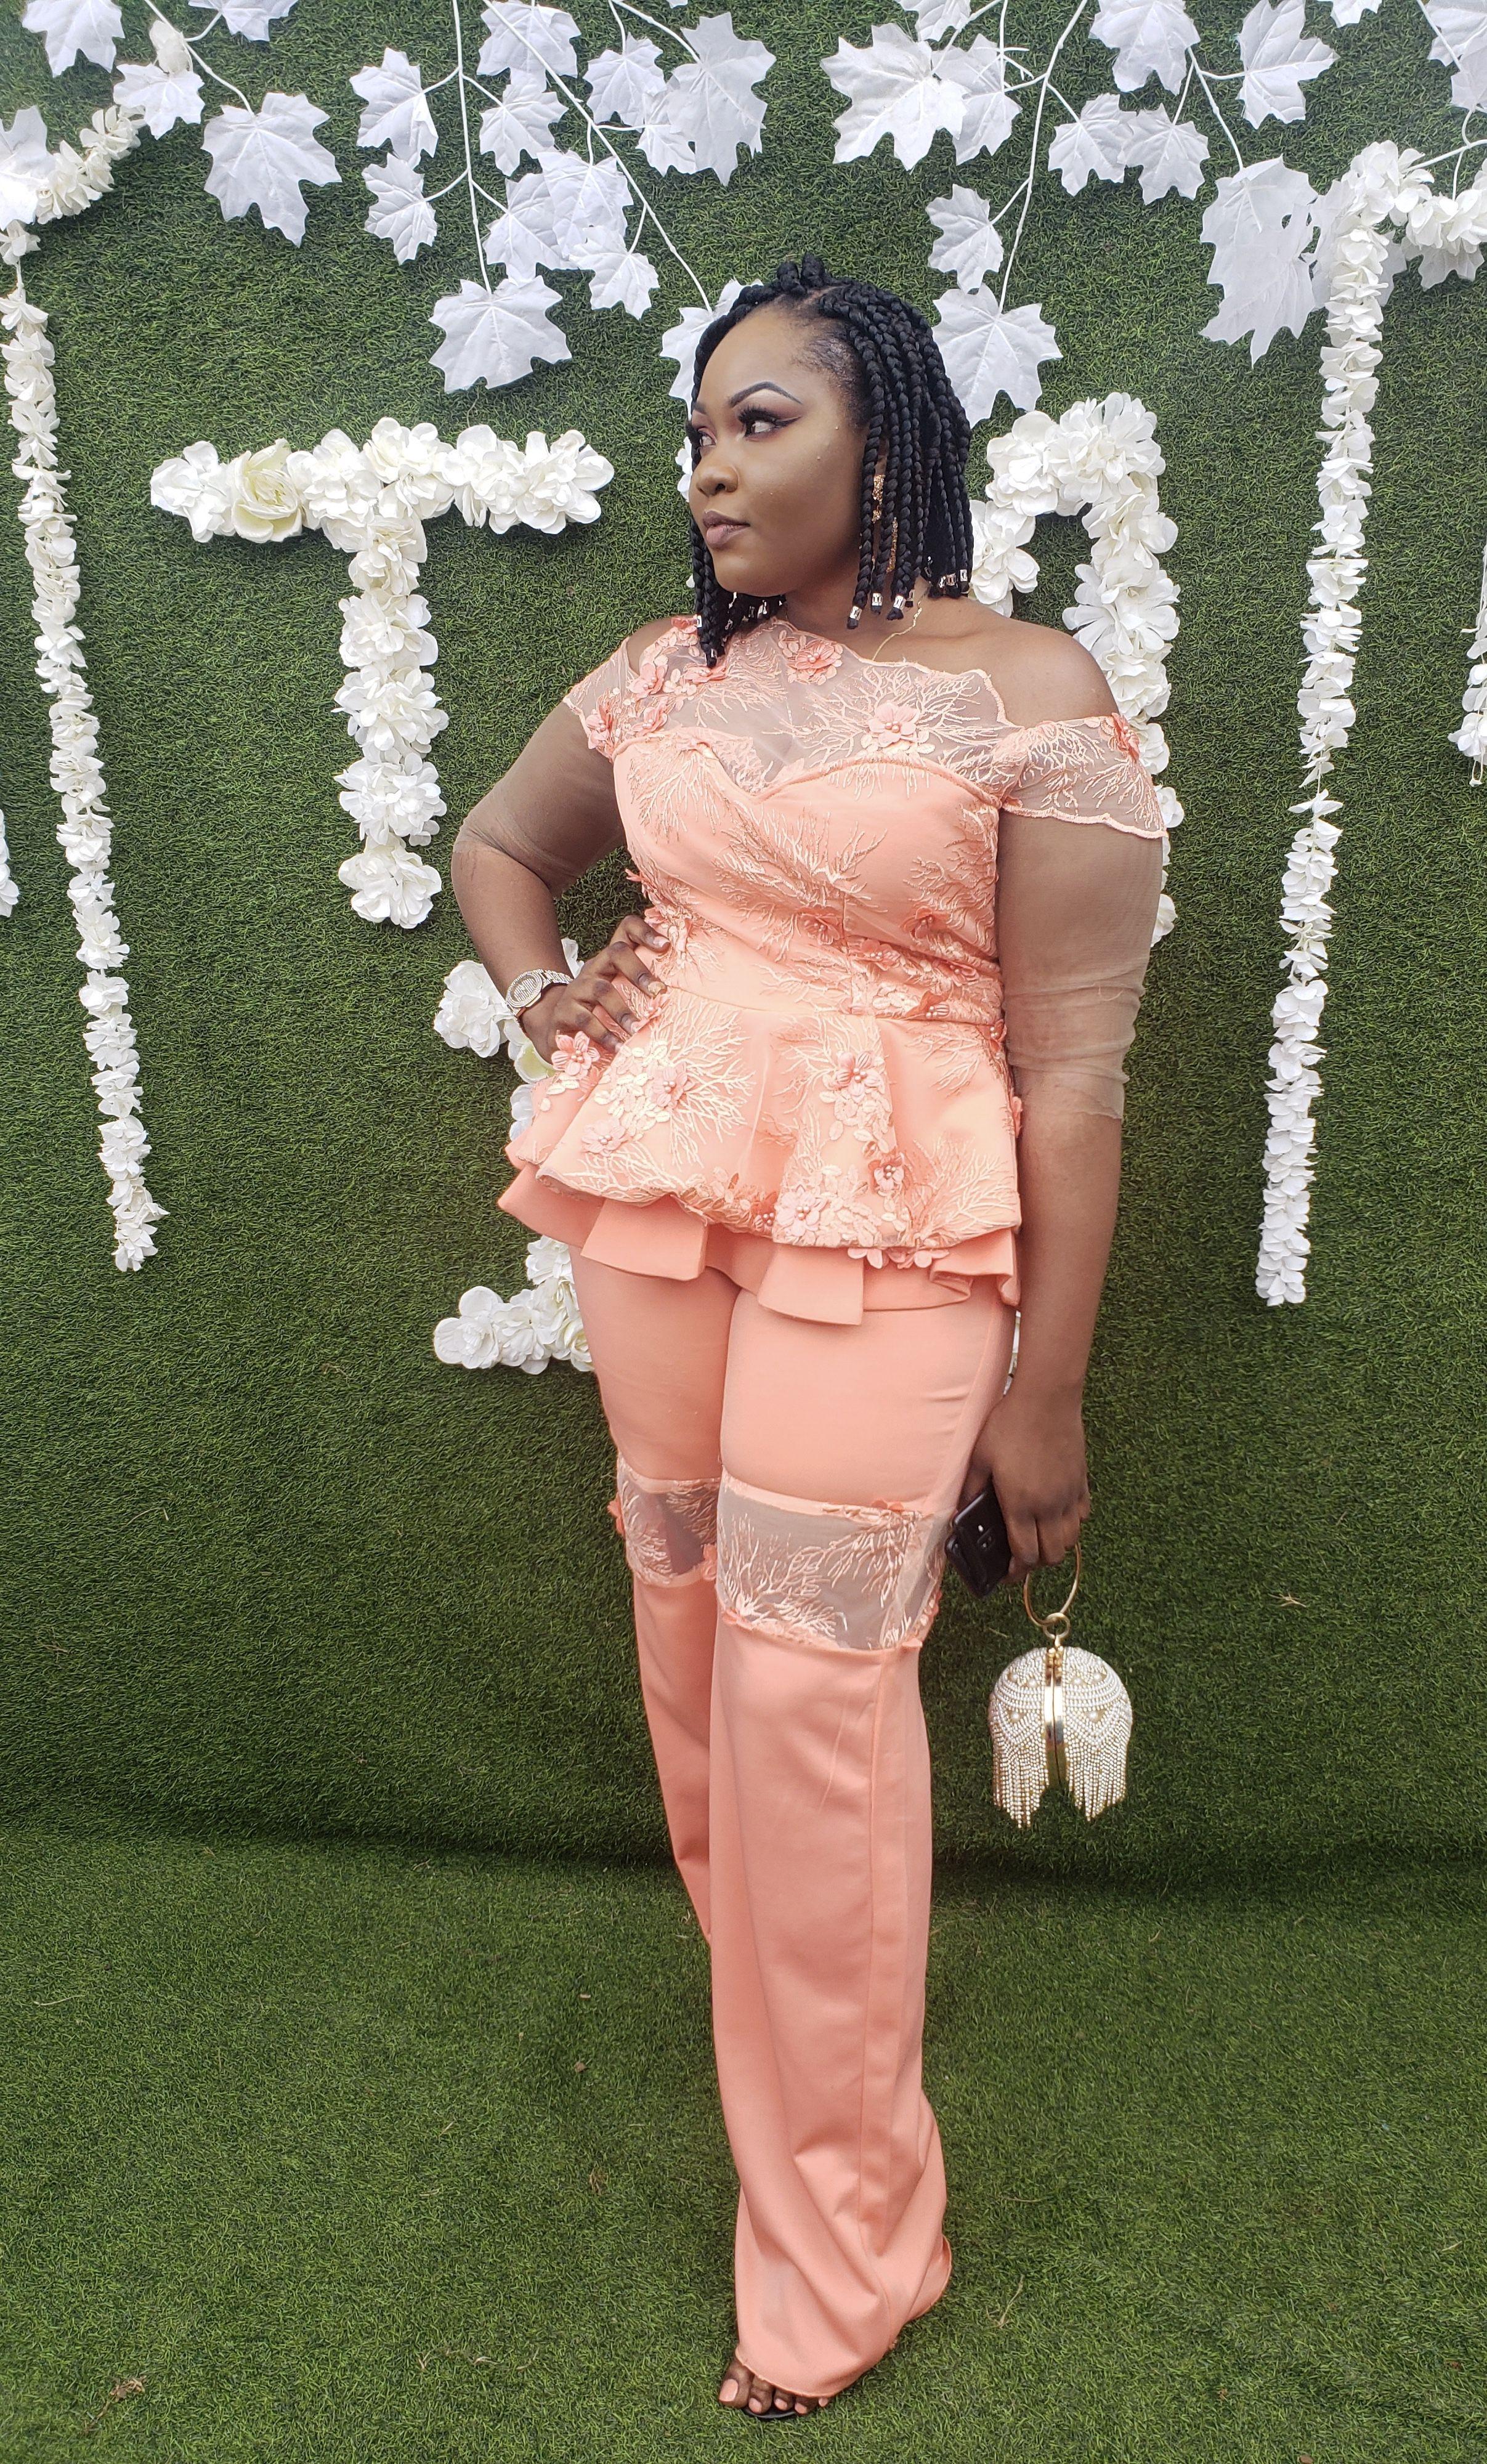 #jumpsuit #asoebistyles #weddingguest